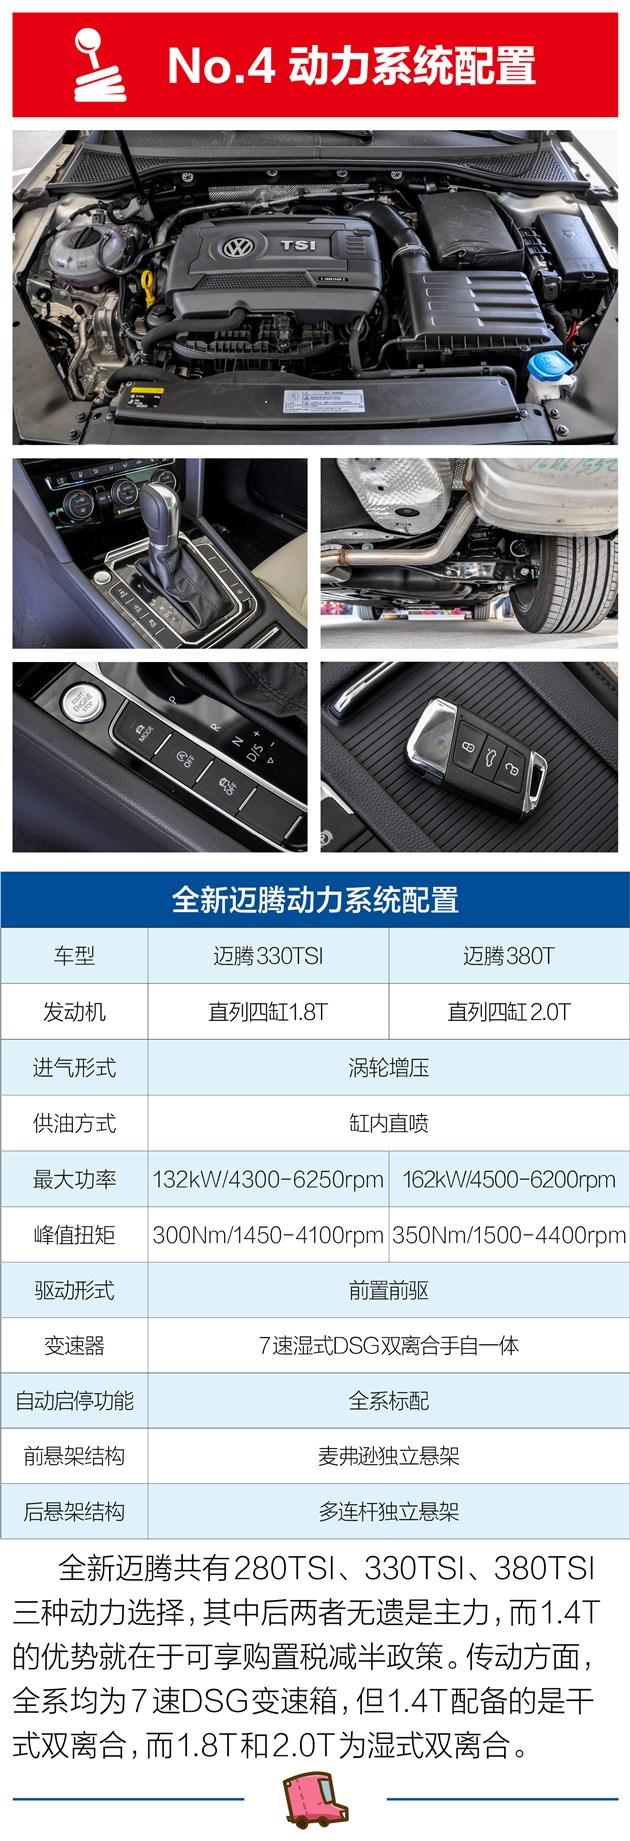 大众新迈腾买哪个车型配置好?